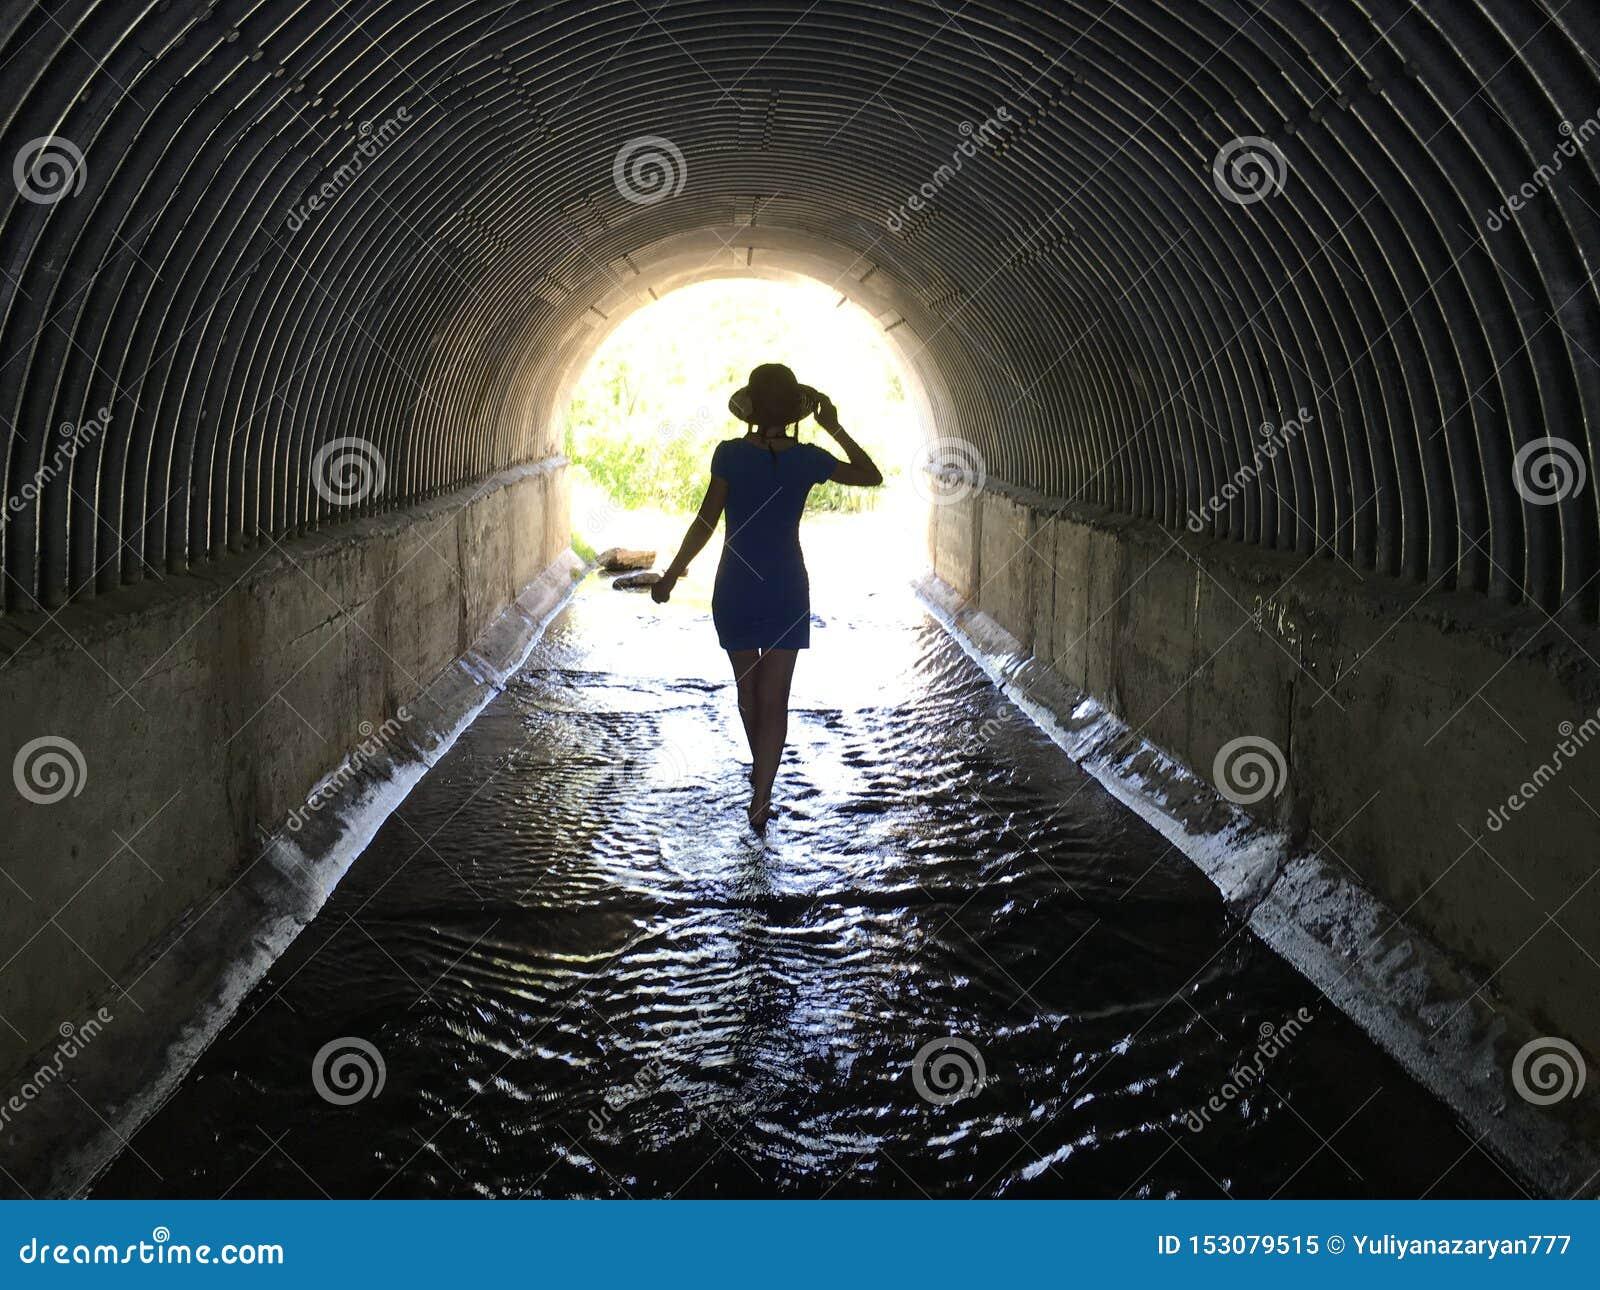 Sognare Di Camminare Scalzi ragazza che cammina a piedi nudi attraverso l'acqua in un